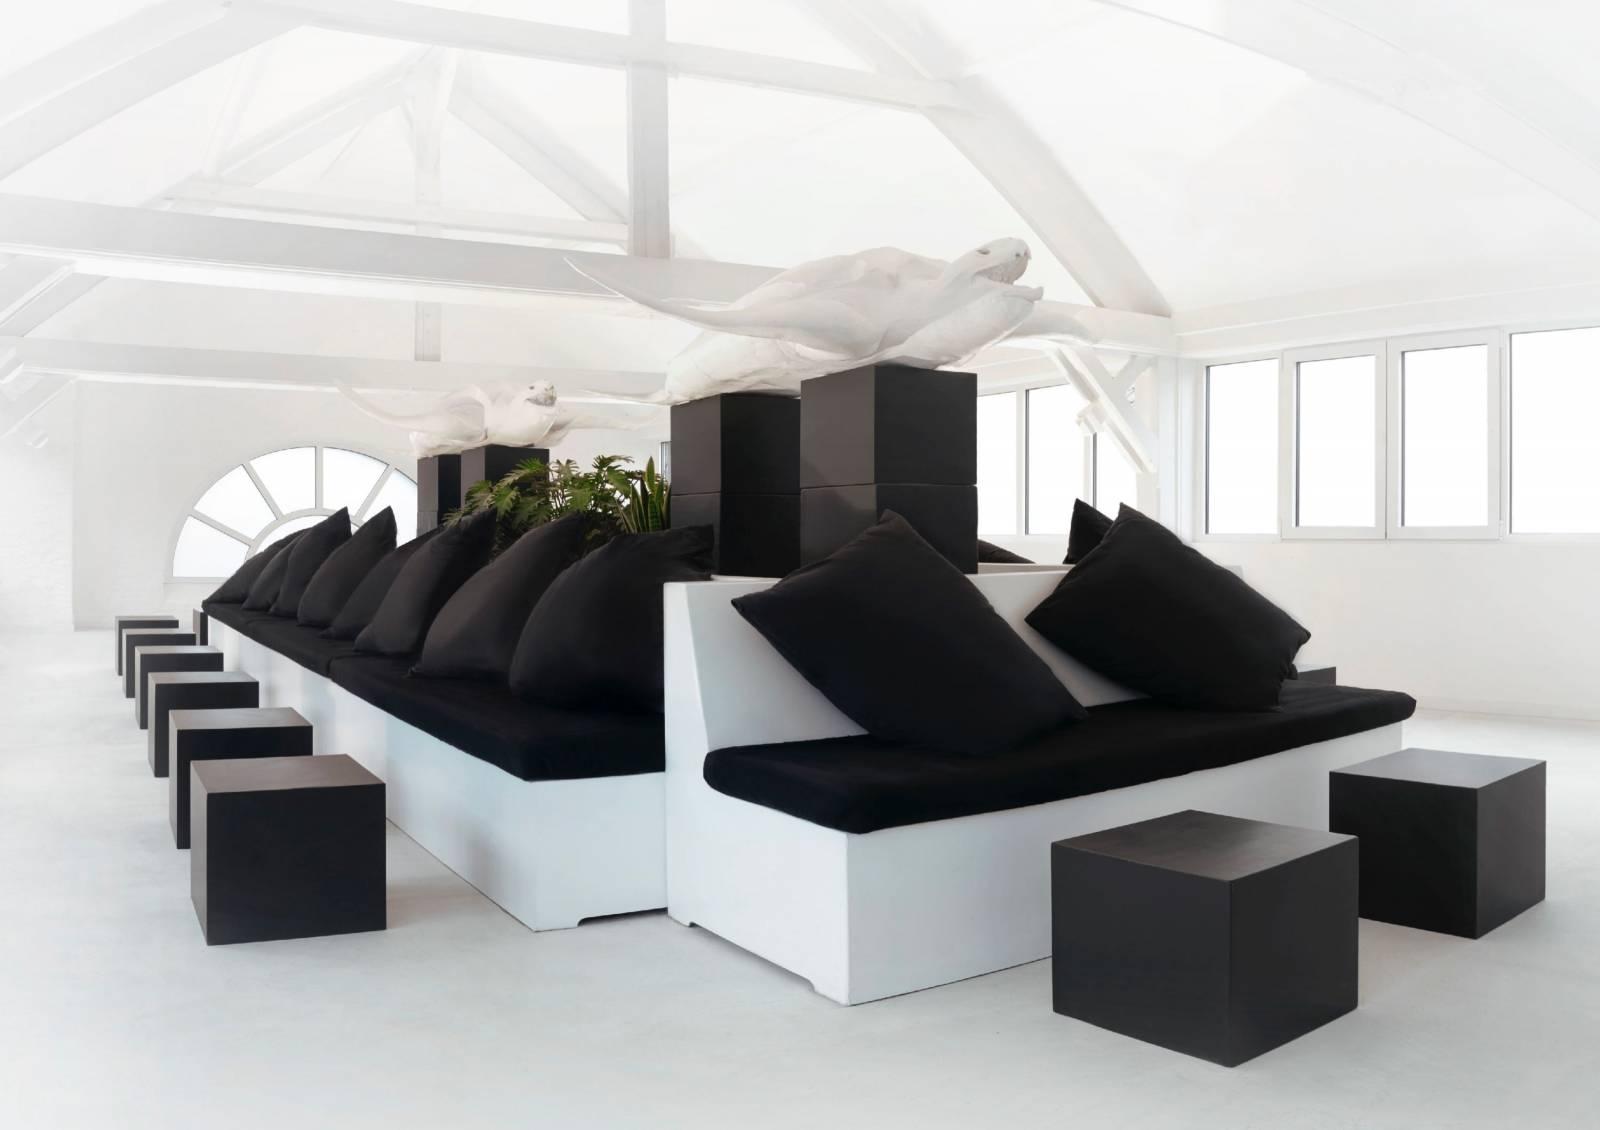 Zaal Lux - Feestzaal - Eventlocatie te Gent - House of Events - 34